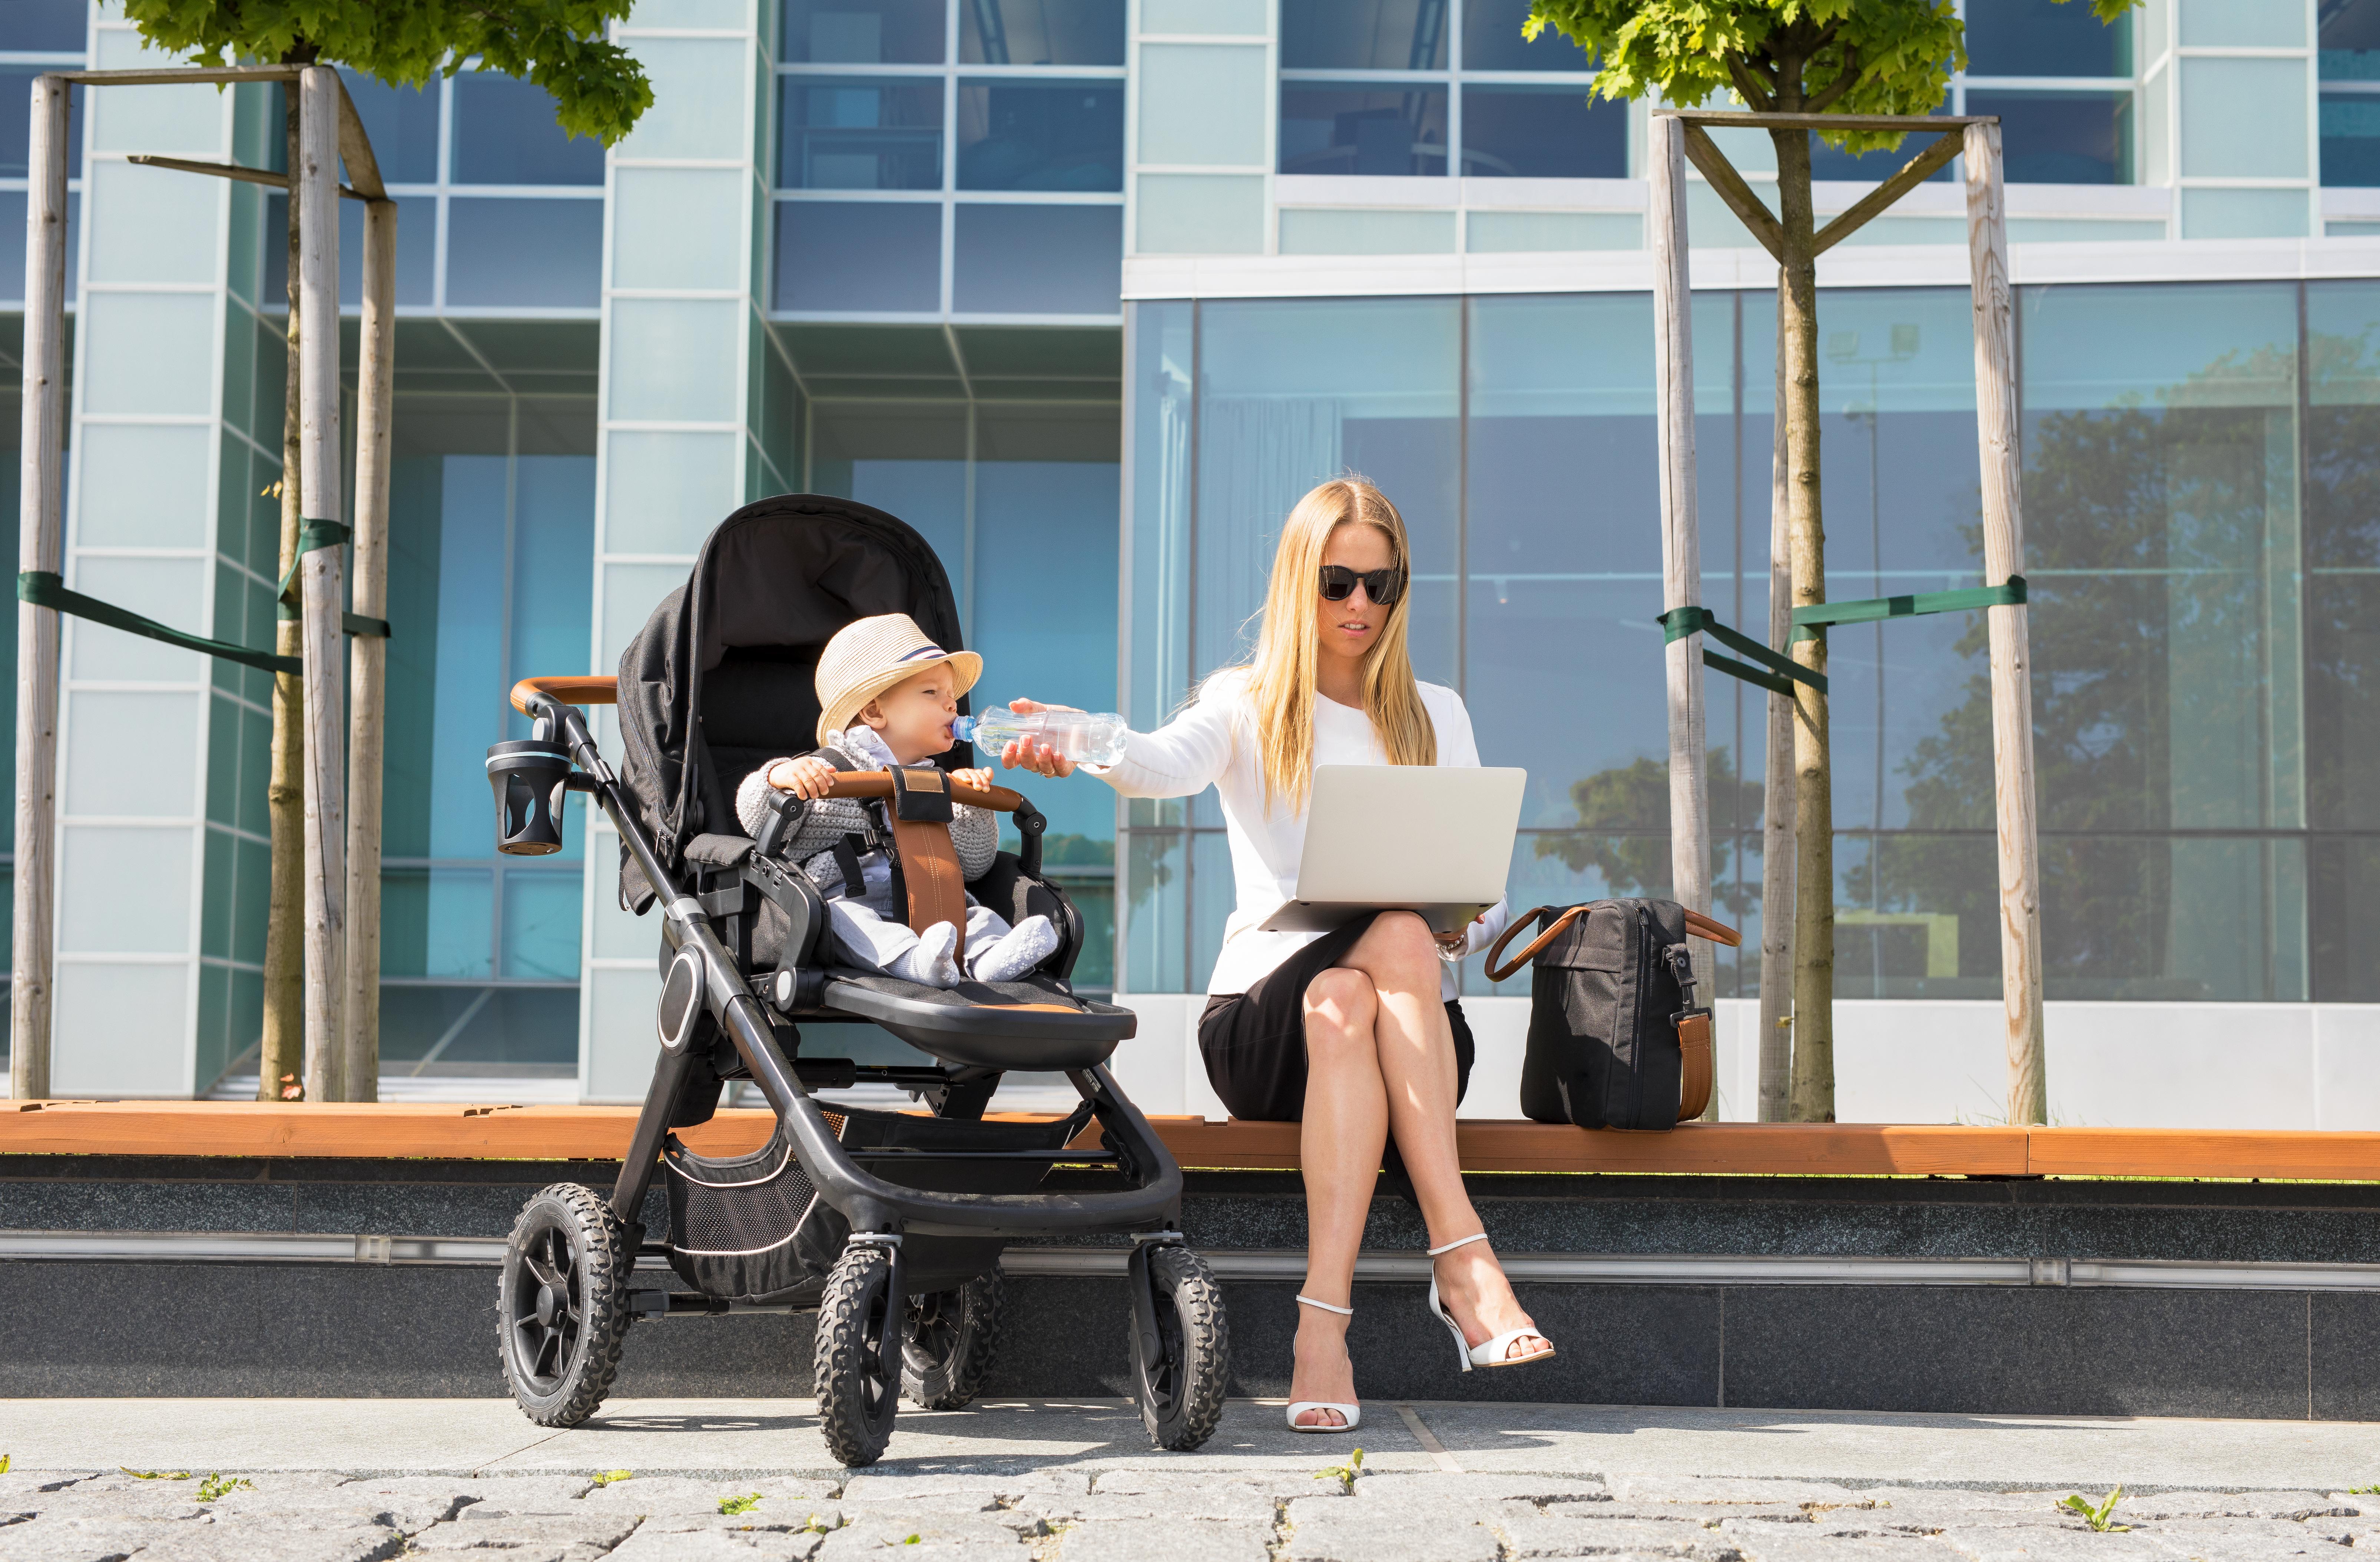 Як материнство впливає на збільшення робочої продуктивності